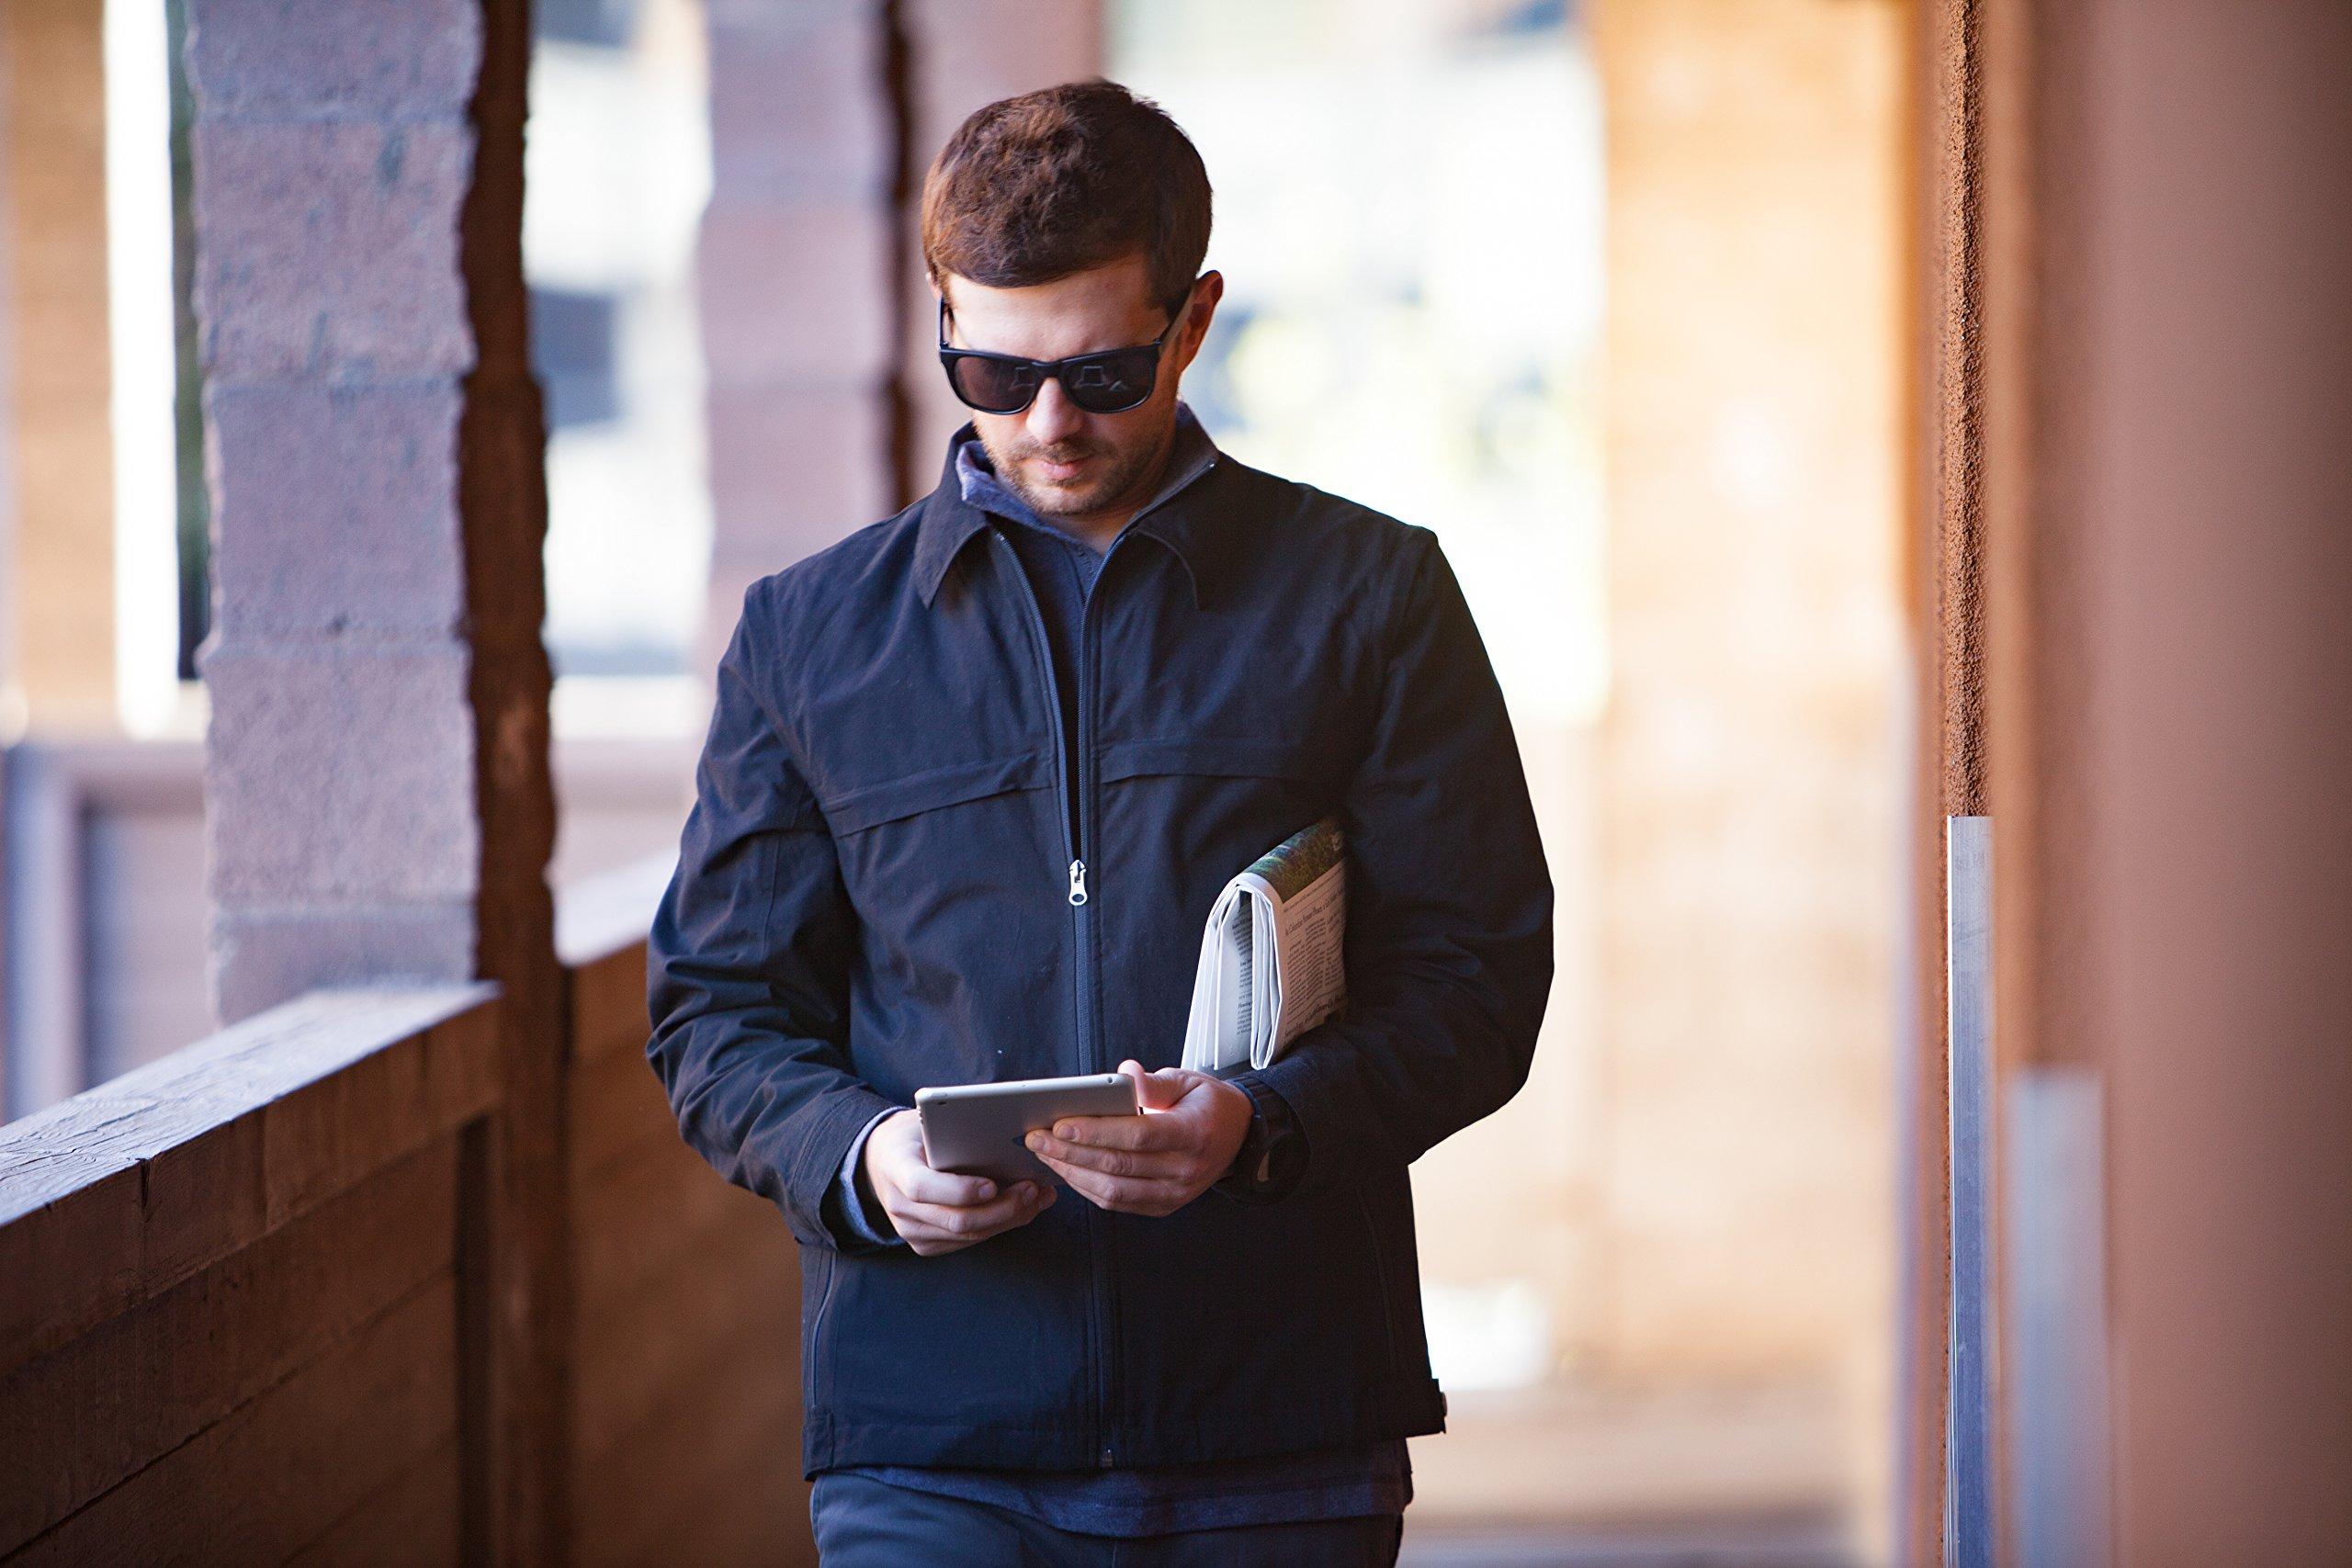 Men's SCOTTeVEST Jacket - 25 Pockets - Travel Clothing BLK M by SCOTTeVEST (Image #3)